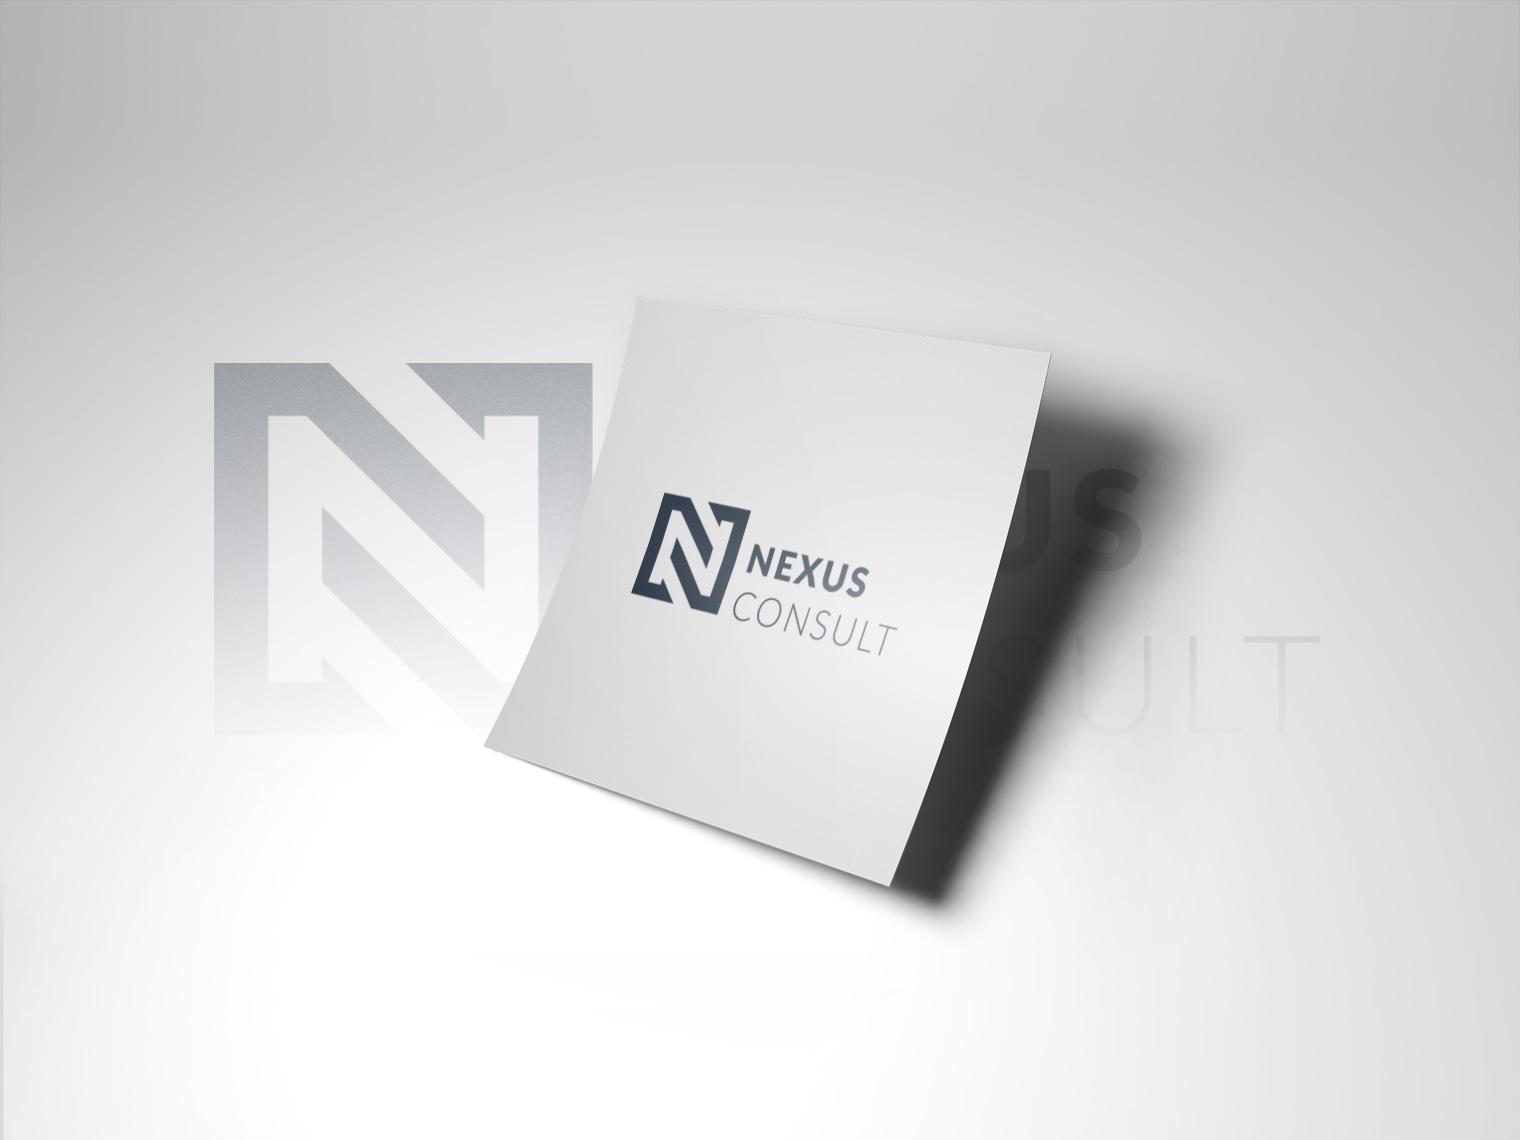 Nexus Consult